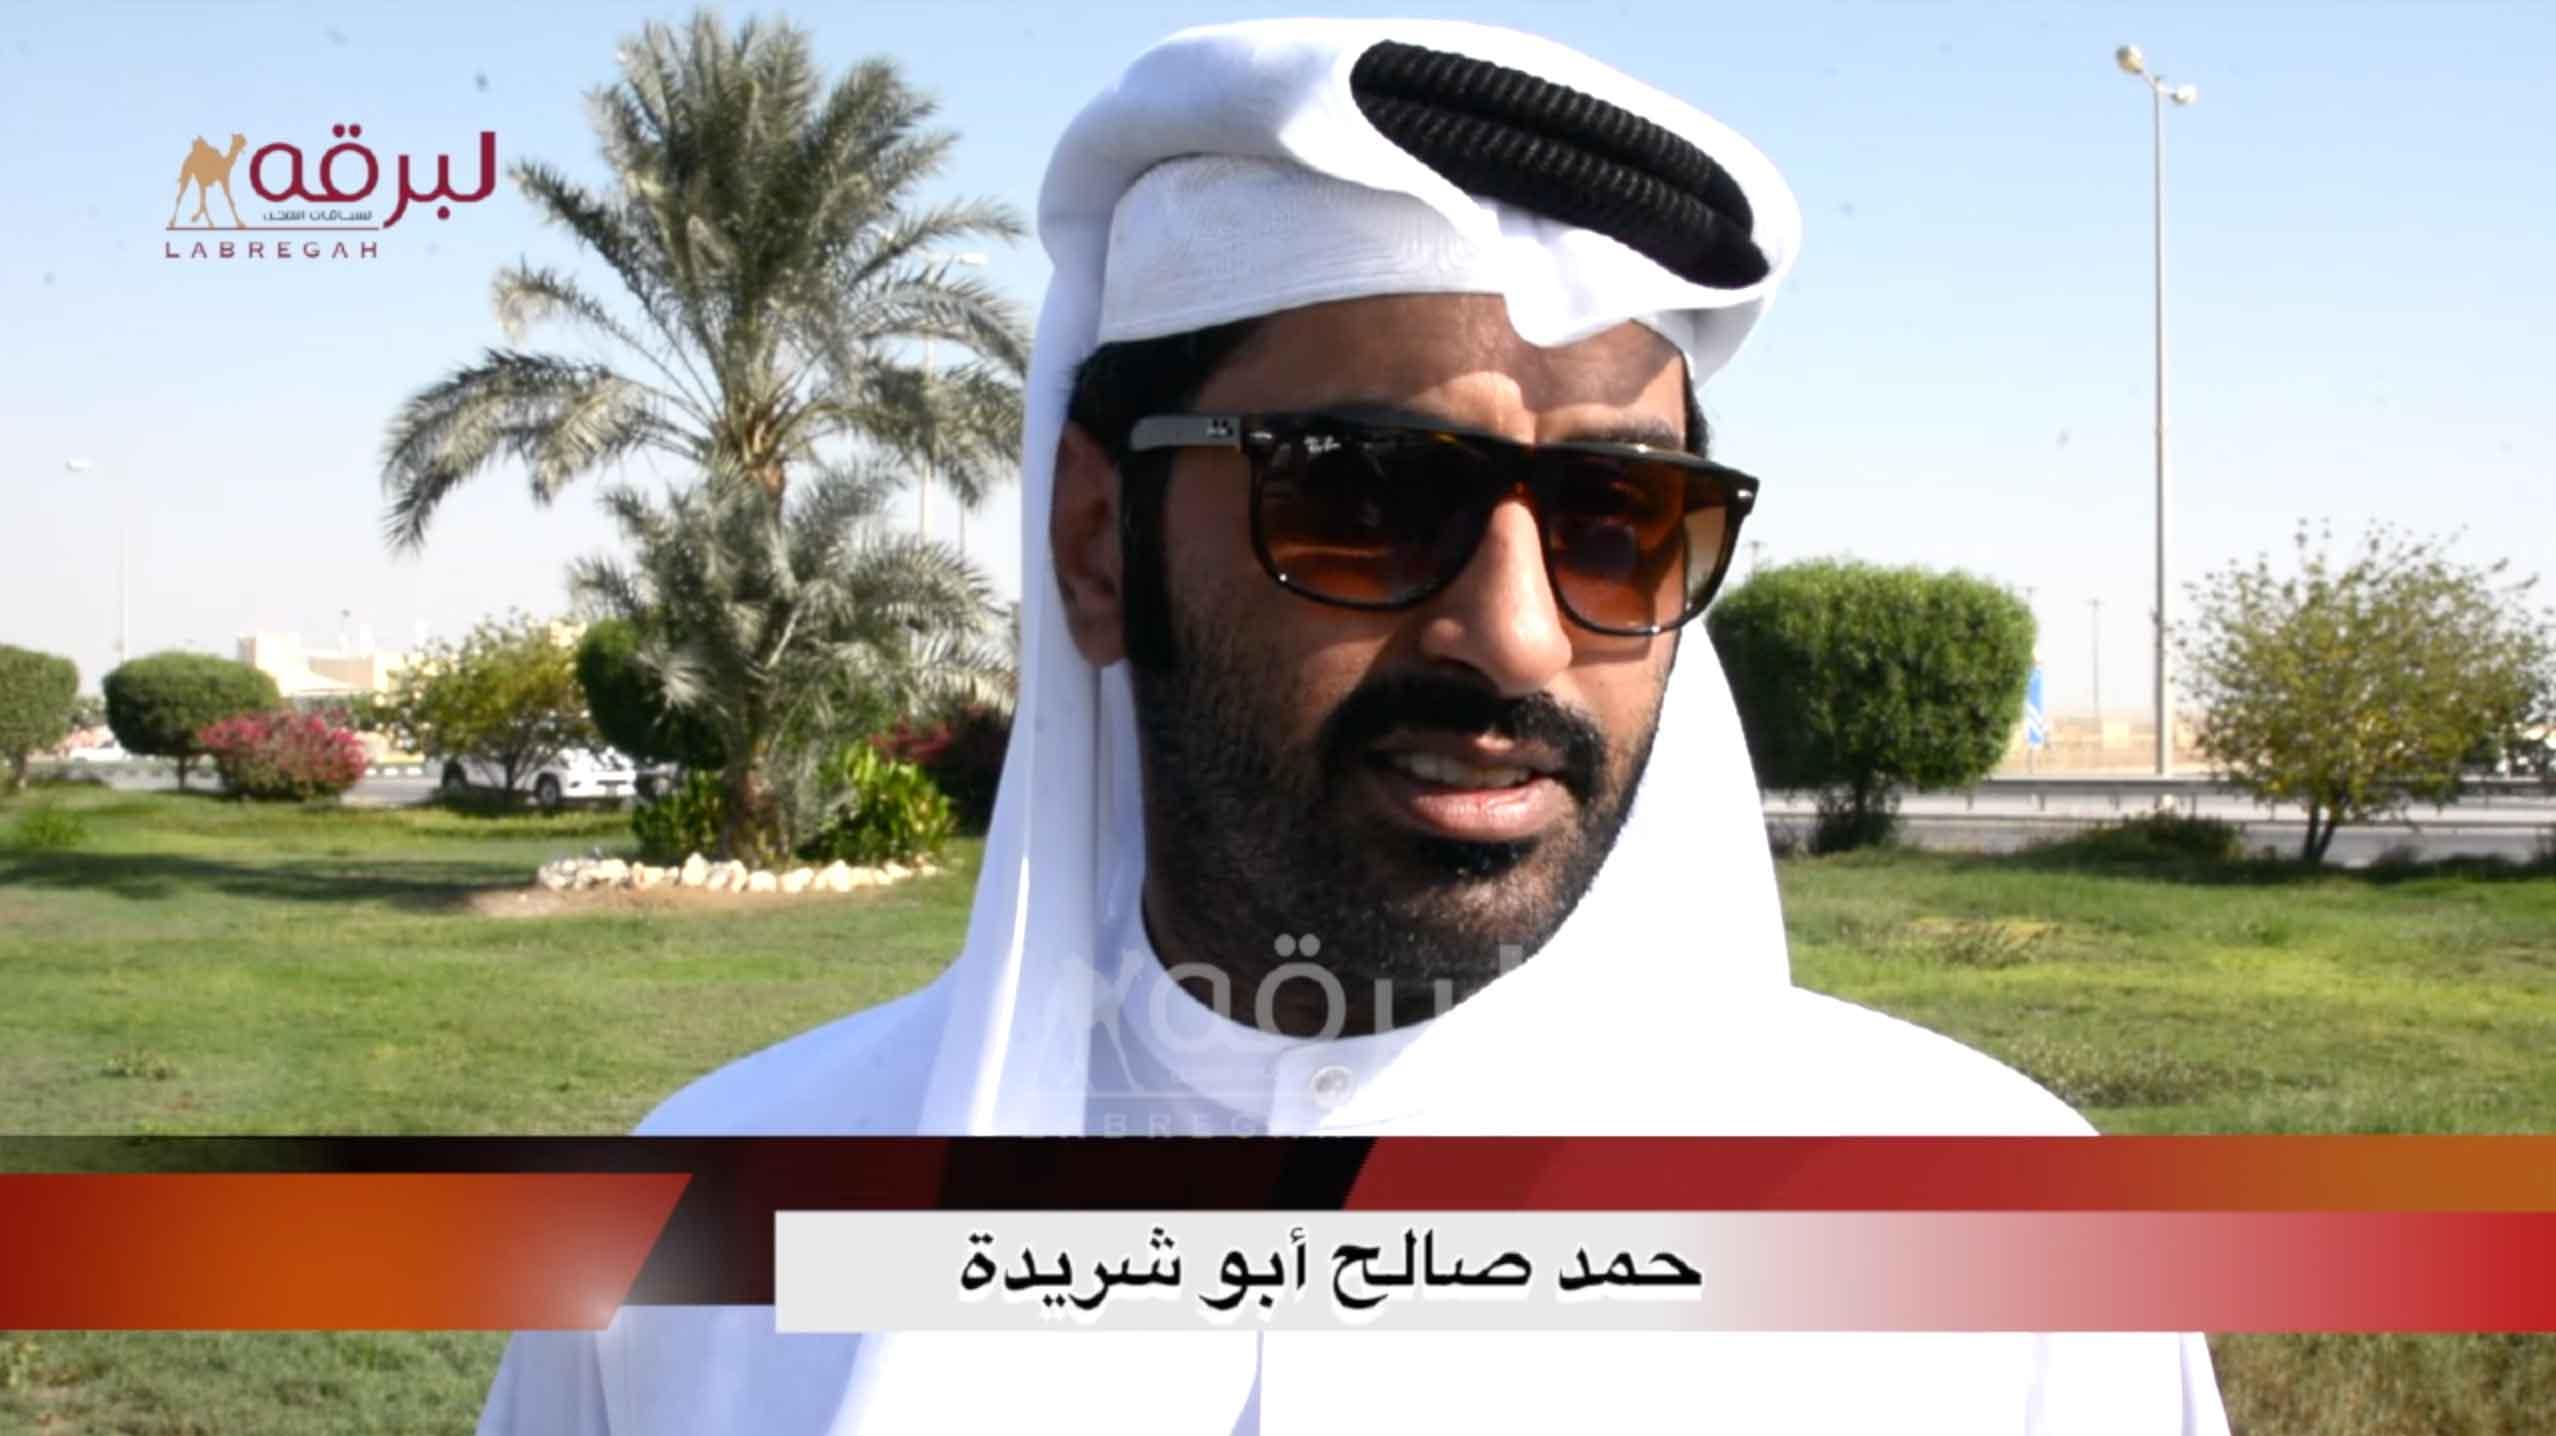 لقاء مع حمد صالح أبو شريدة.. الشوط الرئيسي للجذاع بكار مفتوح الأشواط العامة ١٠-١٠-٢٠٢٠